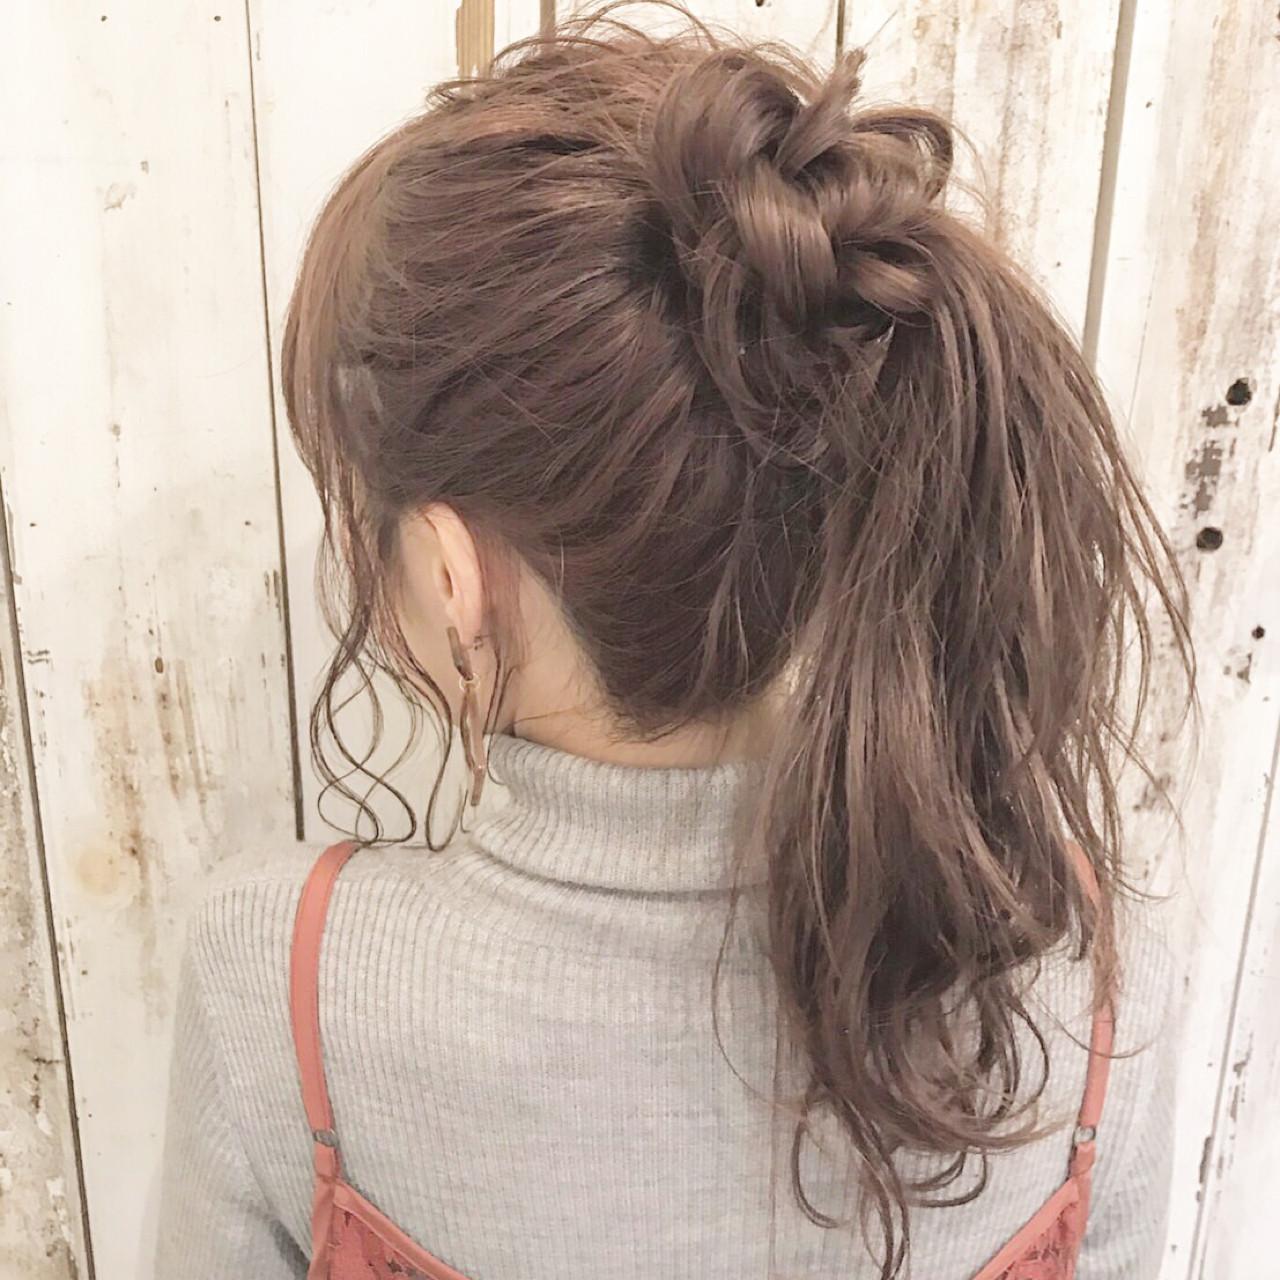 こなれ感 ポニーテール ナチュラル 大人女子 ヘアスタイルや髪型の写真・画像